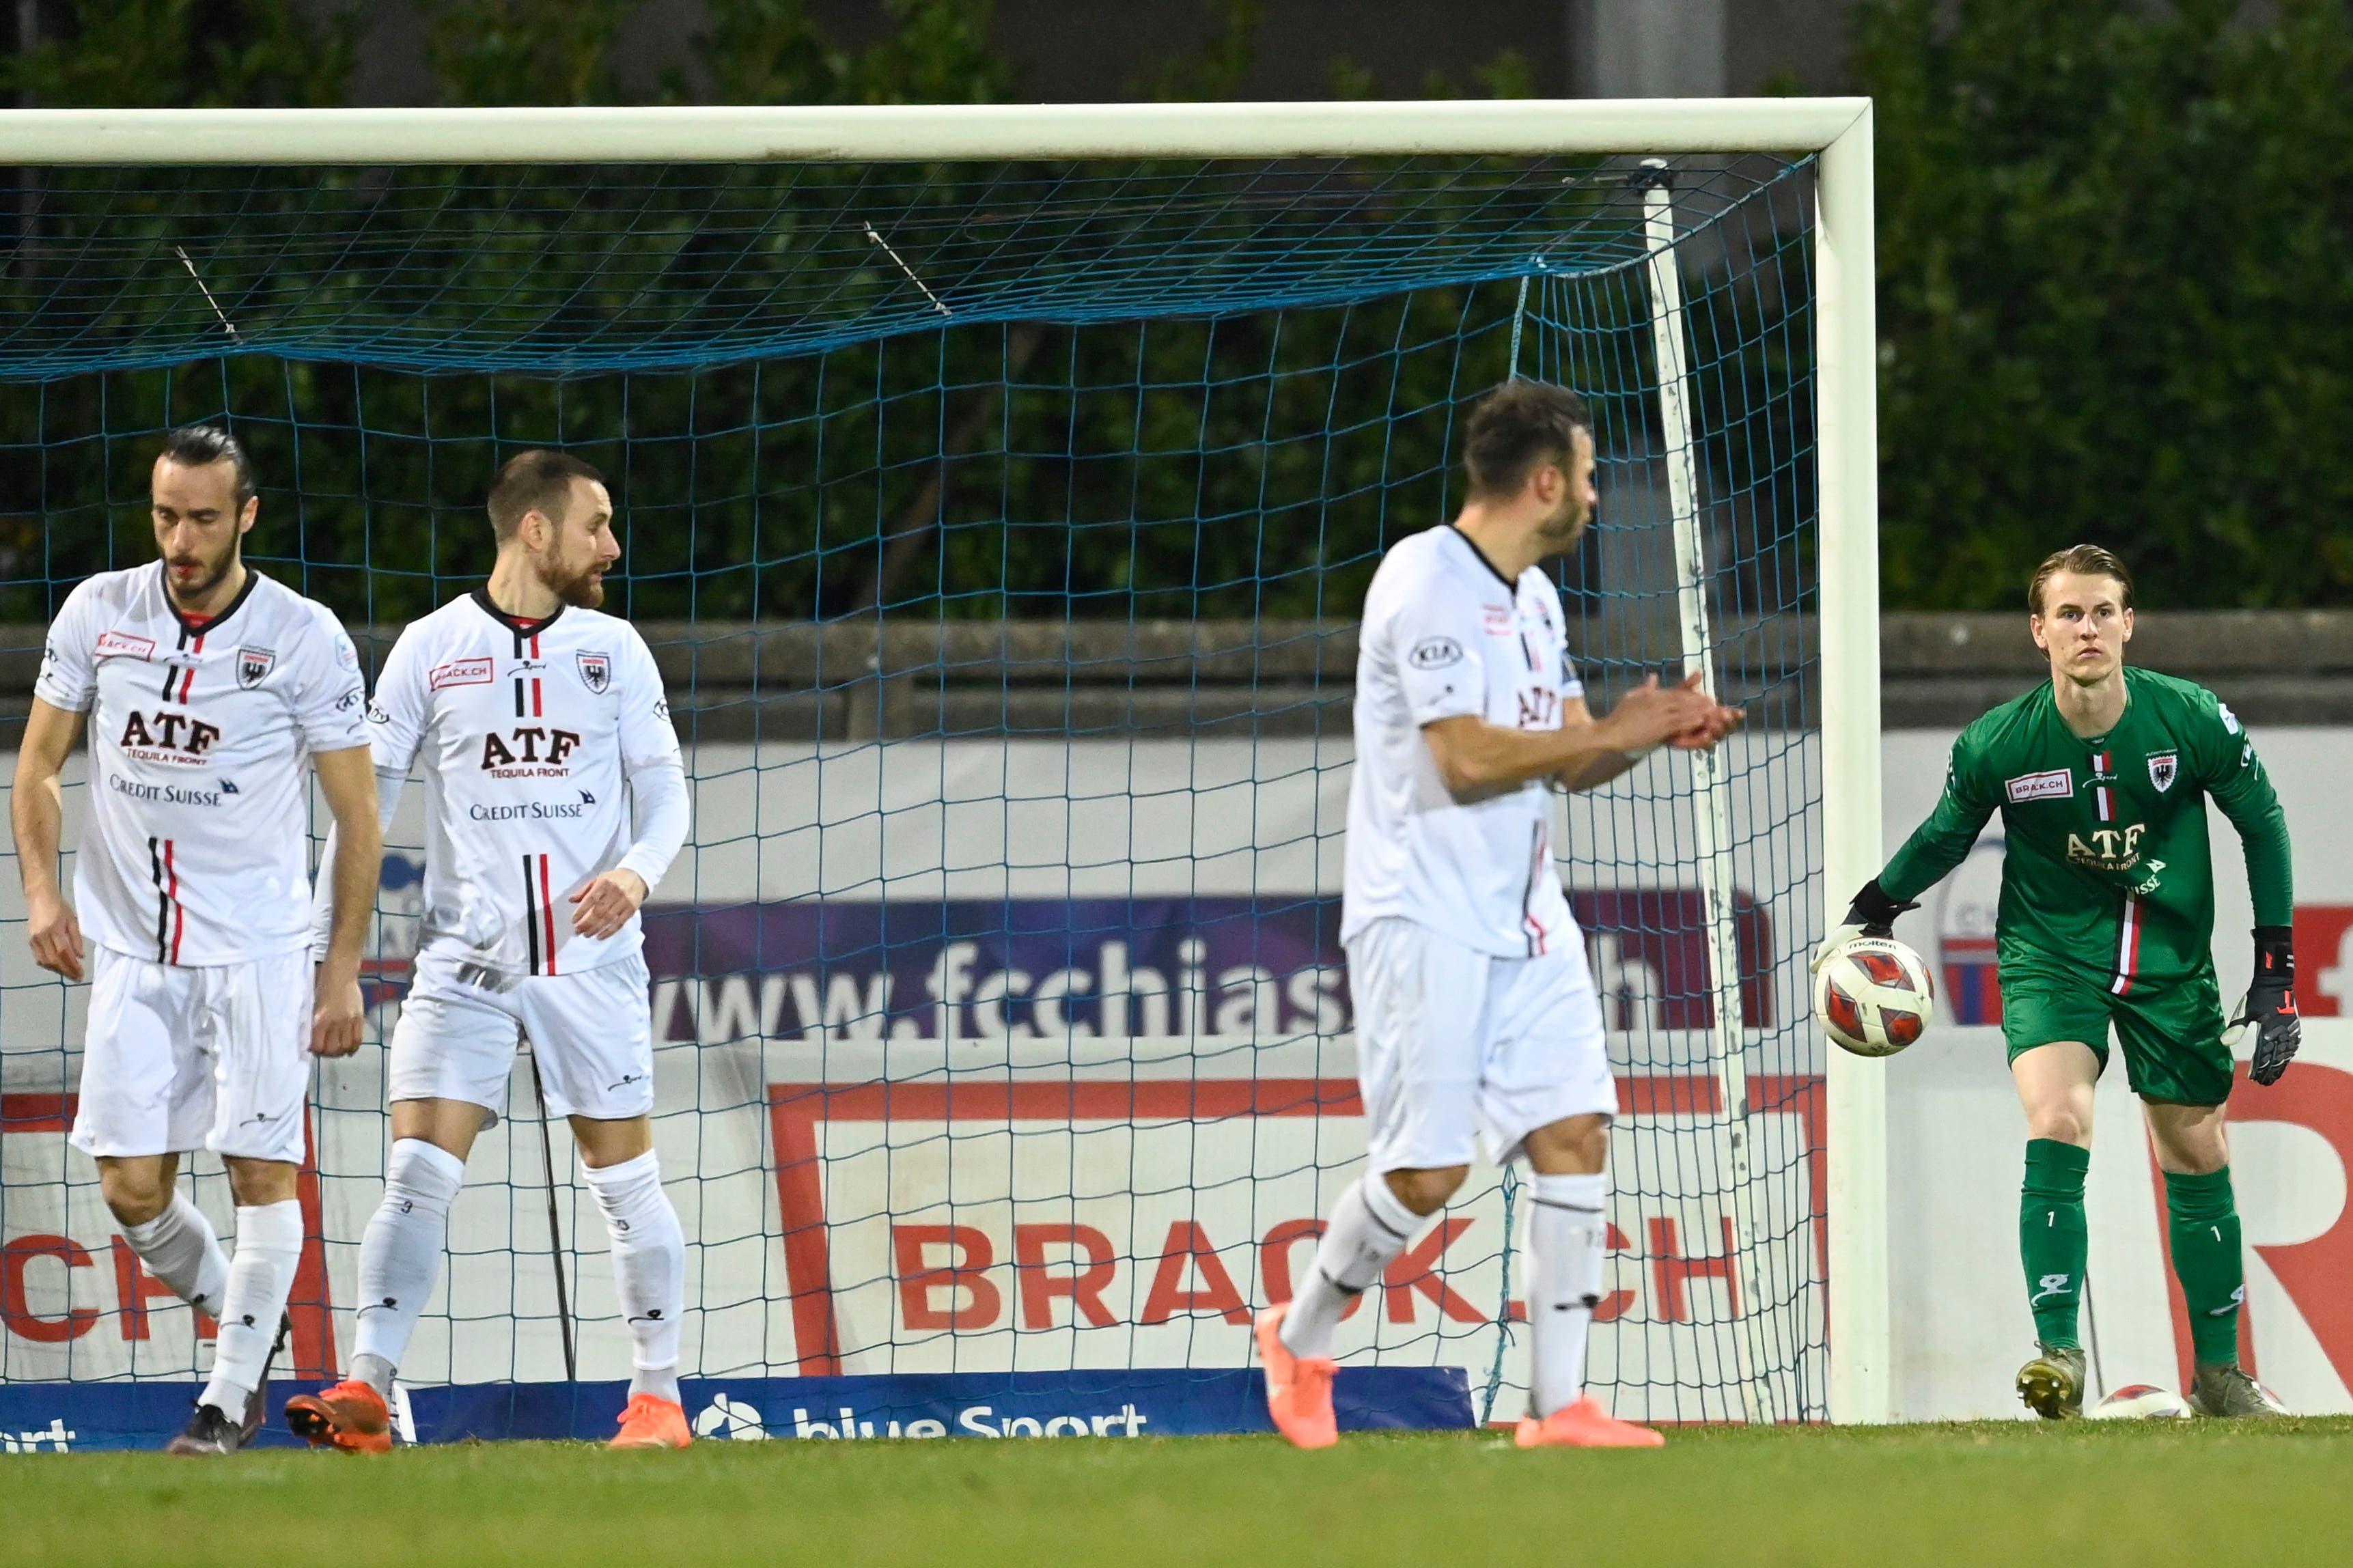 Schon nach vier Minuten des Spiels ist die Enttäuschung in den Gesichtern der Aarauer zu sehen.